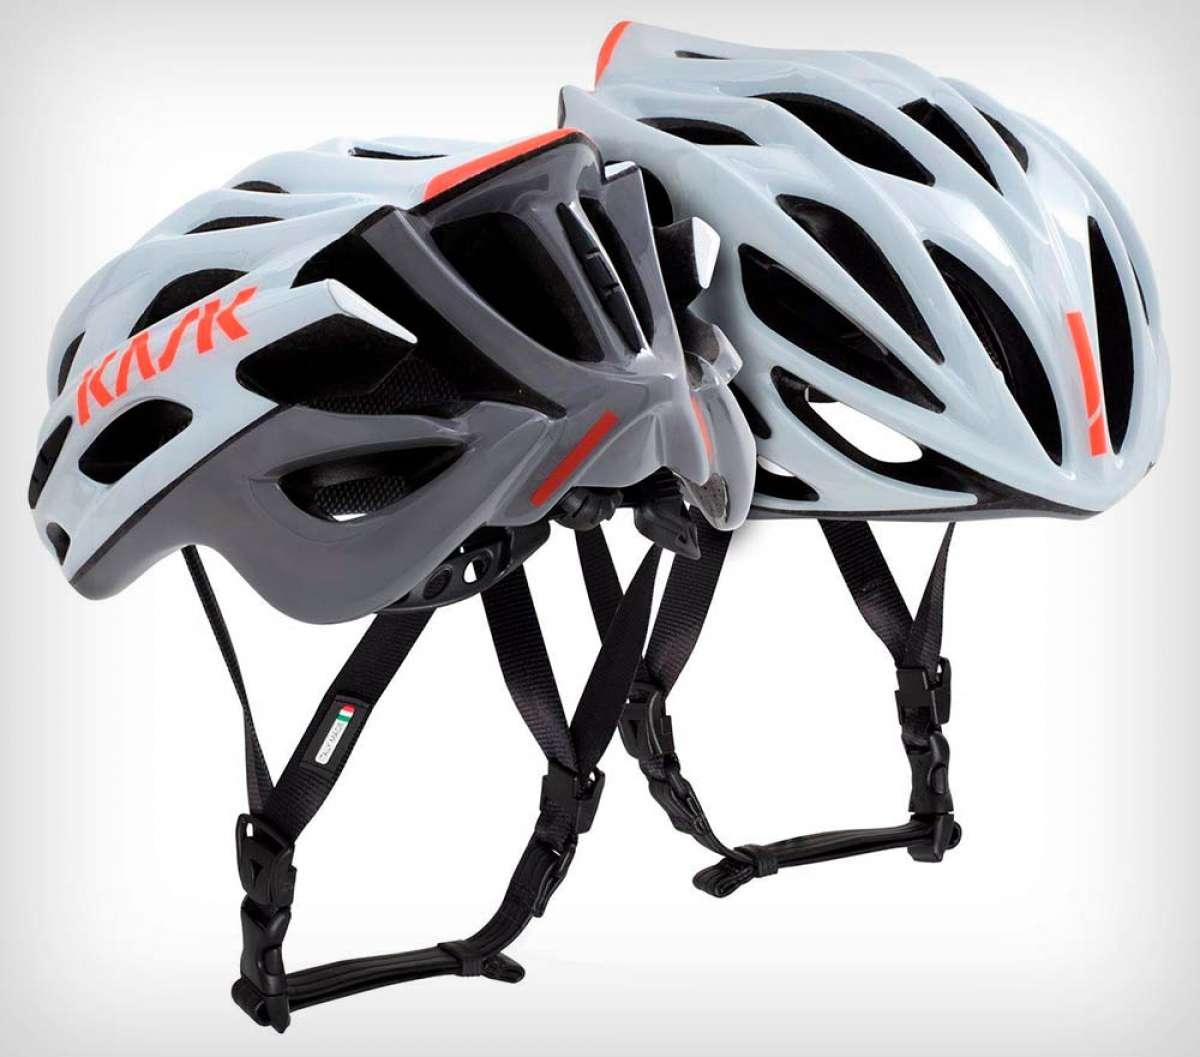 Kask presenta el Mojito X, un ligero casco de carretera y XC que además estrena versión Peak para Gravel